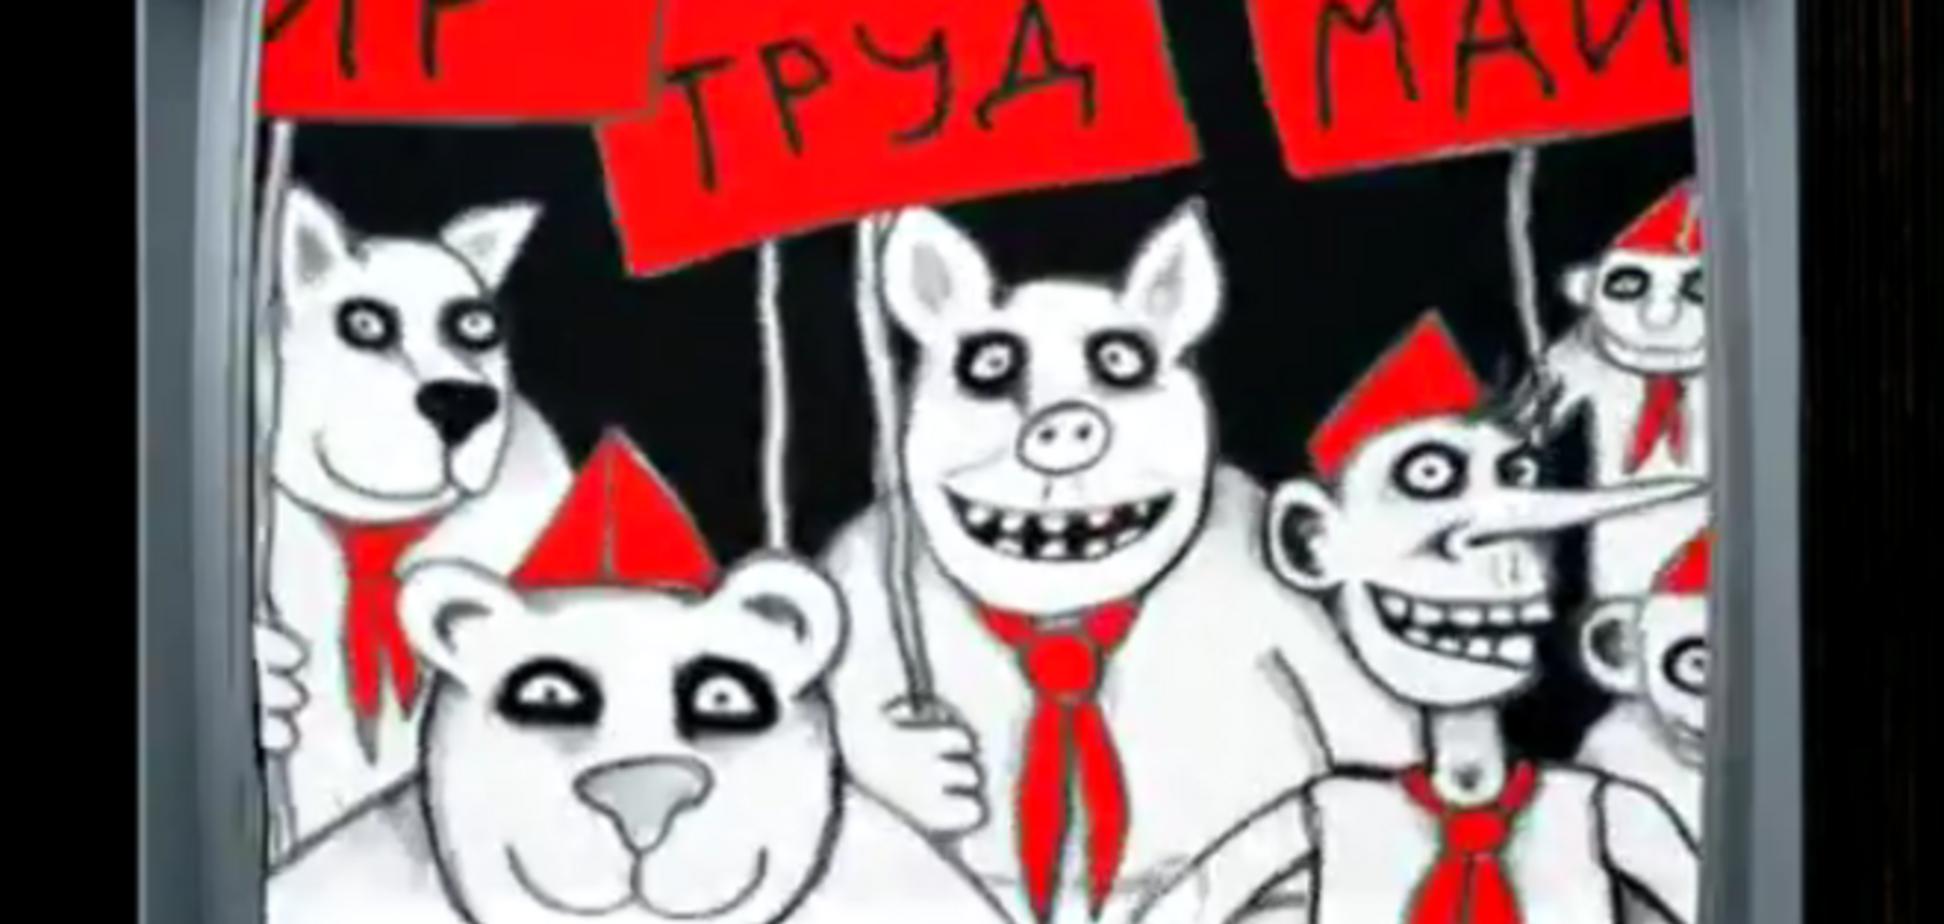 'Хто ви? Ідіть на * ер, ми вас не знаємо!' Відеоманіфест проти російської пропаганди підірвав соцмережі